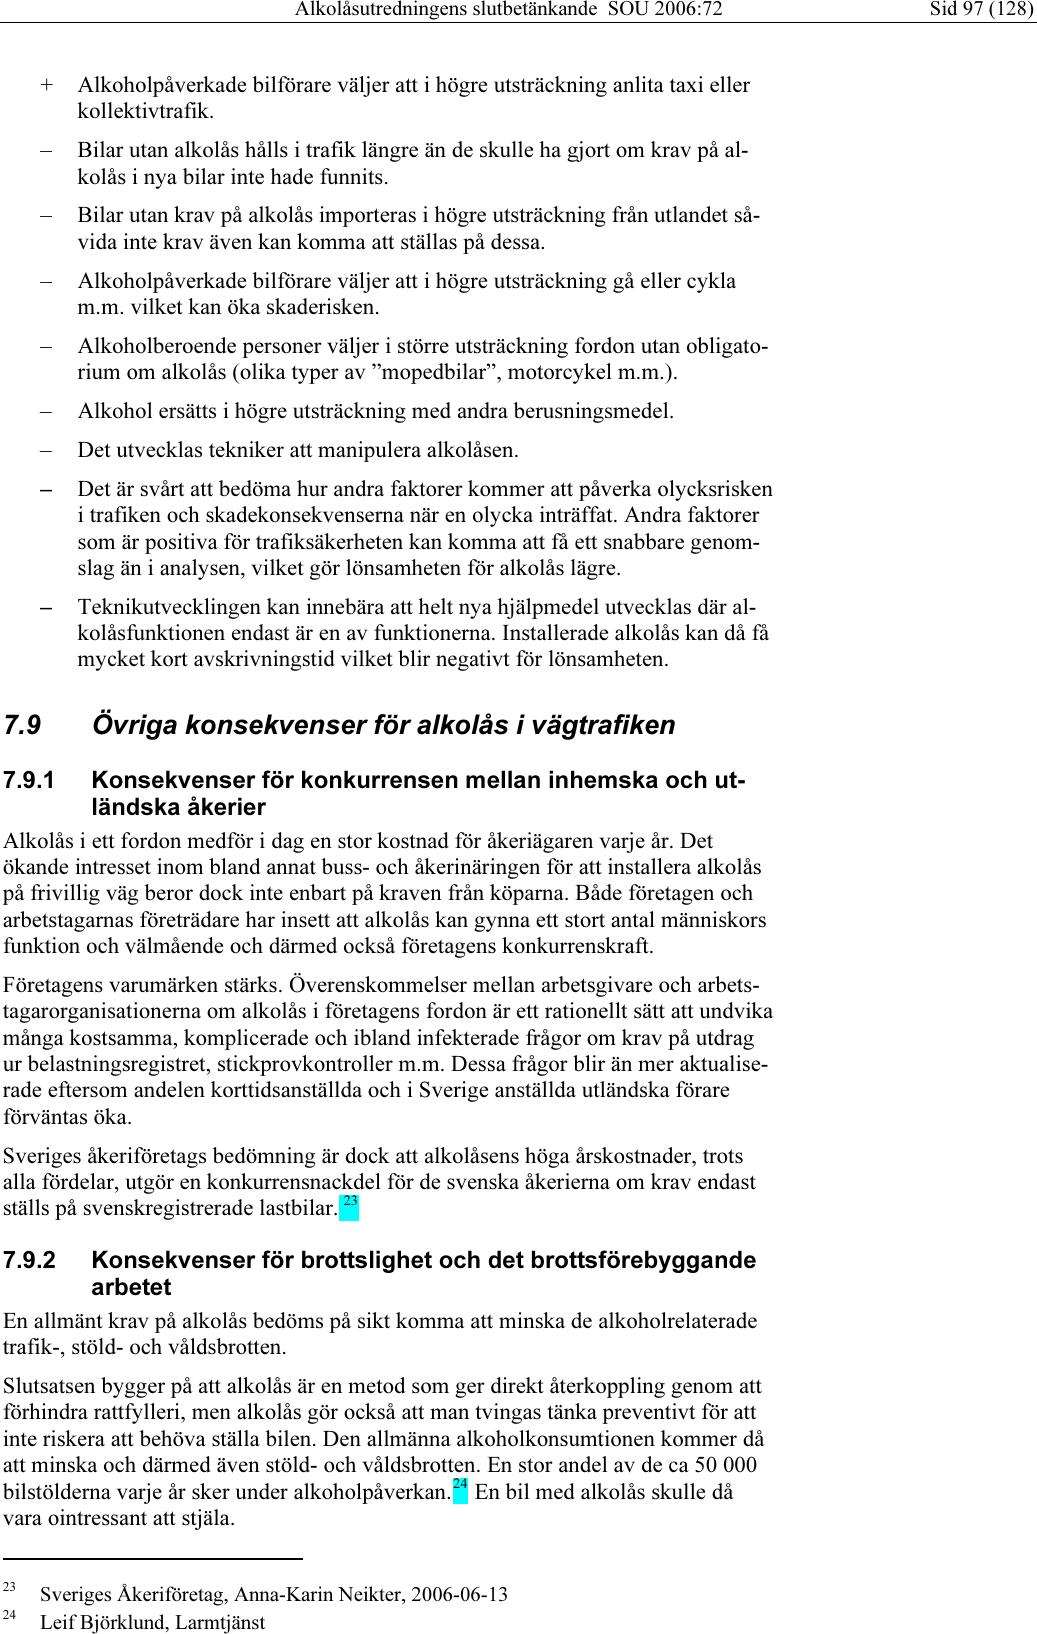 Slaktskap rader mellan svenska och tyska lastbilstillverkarna